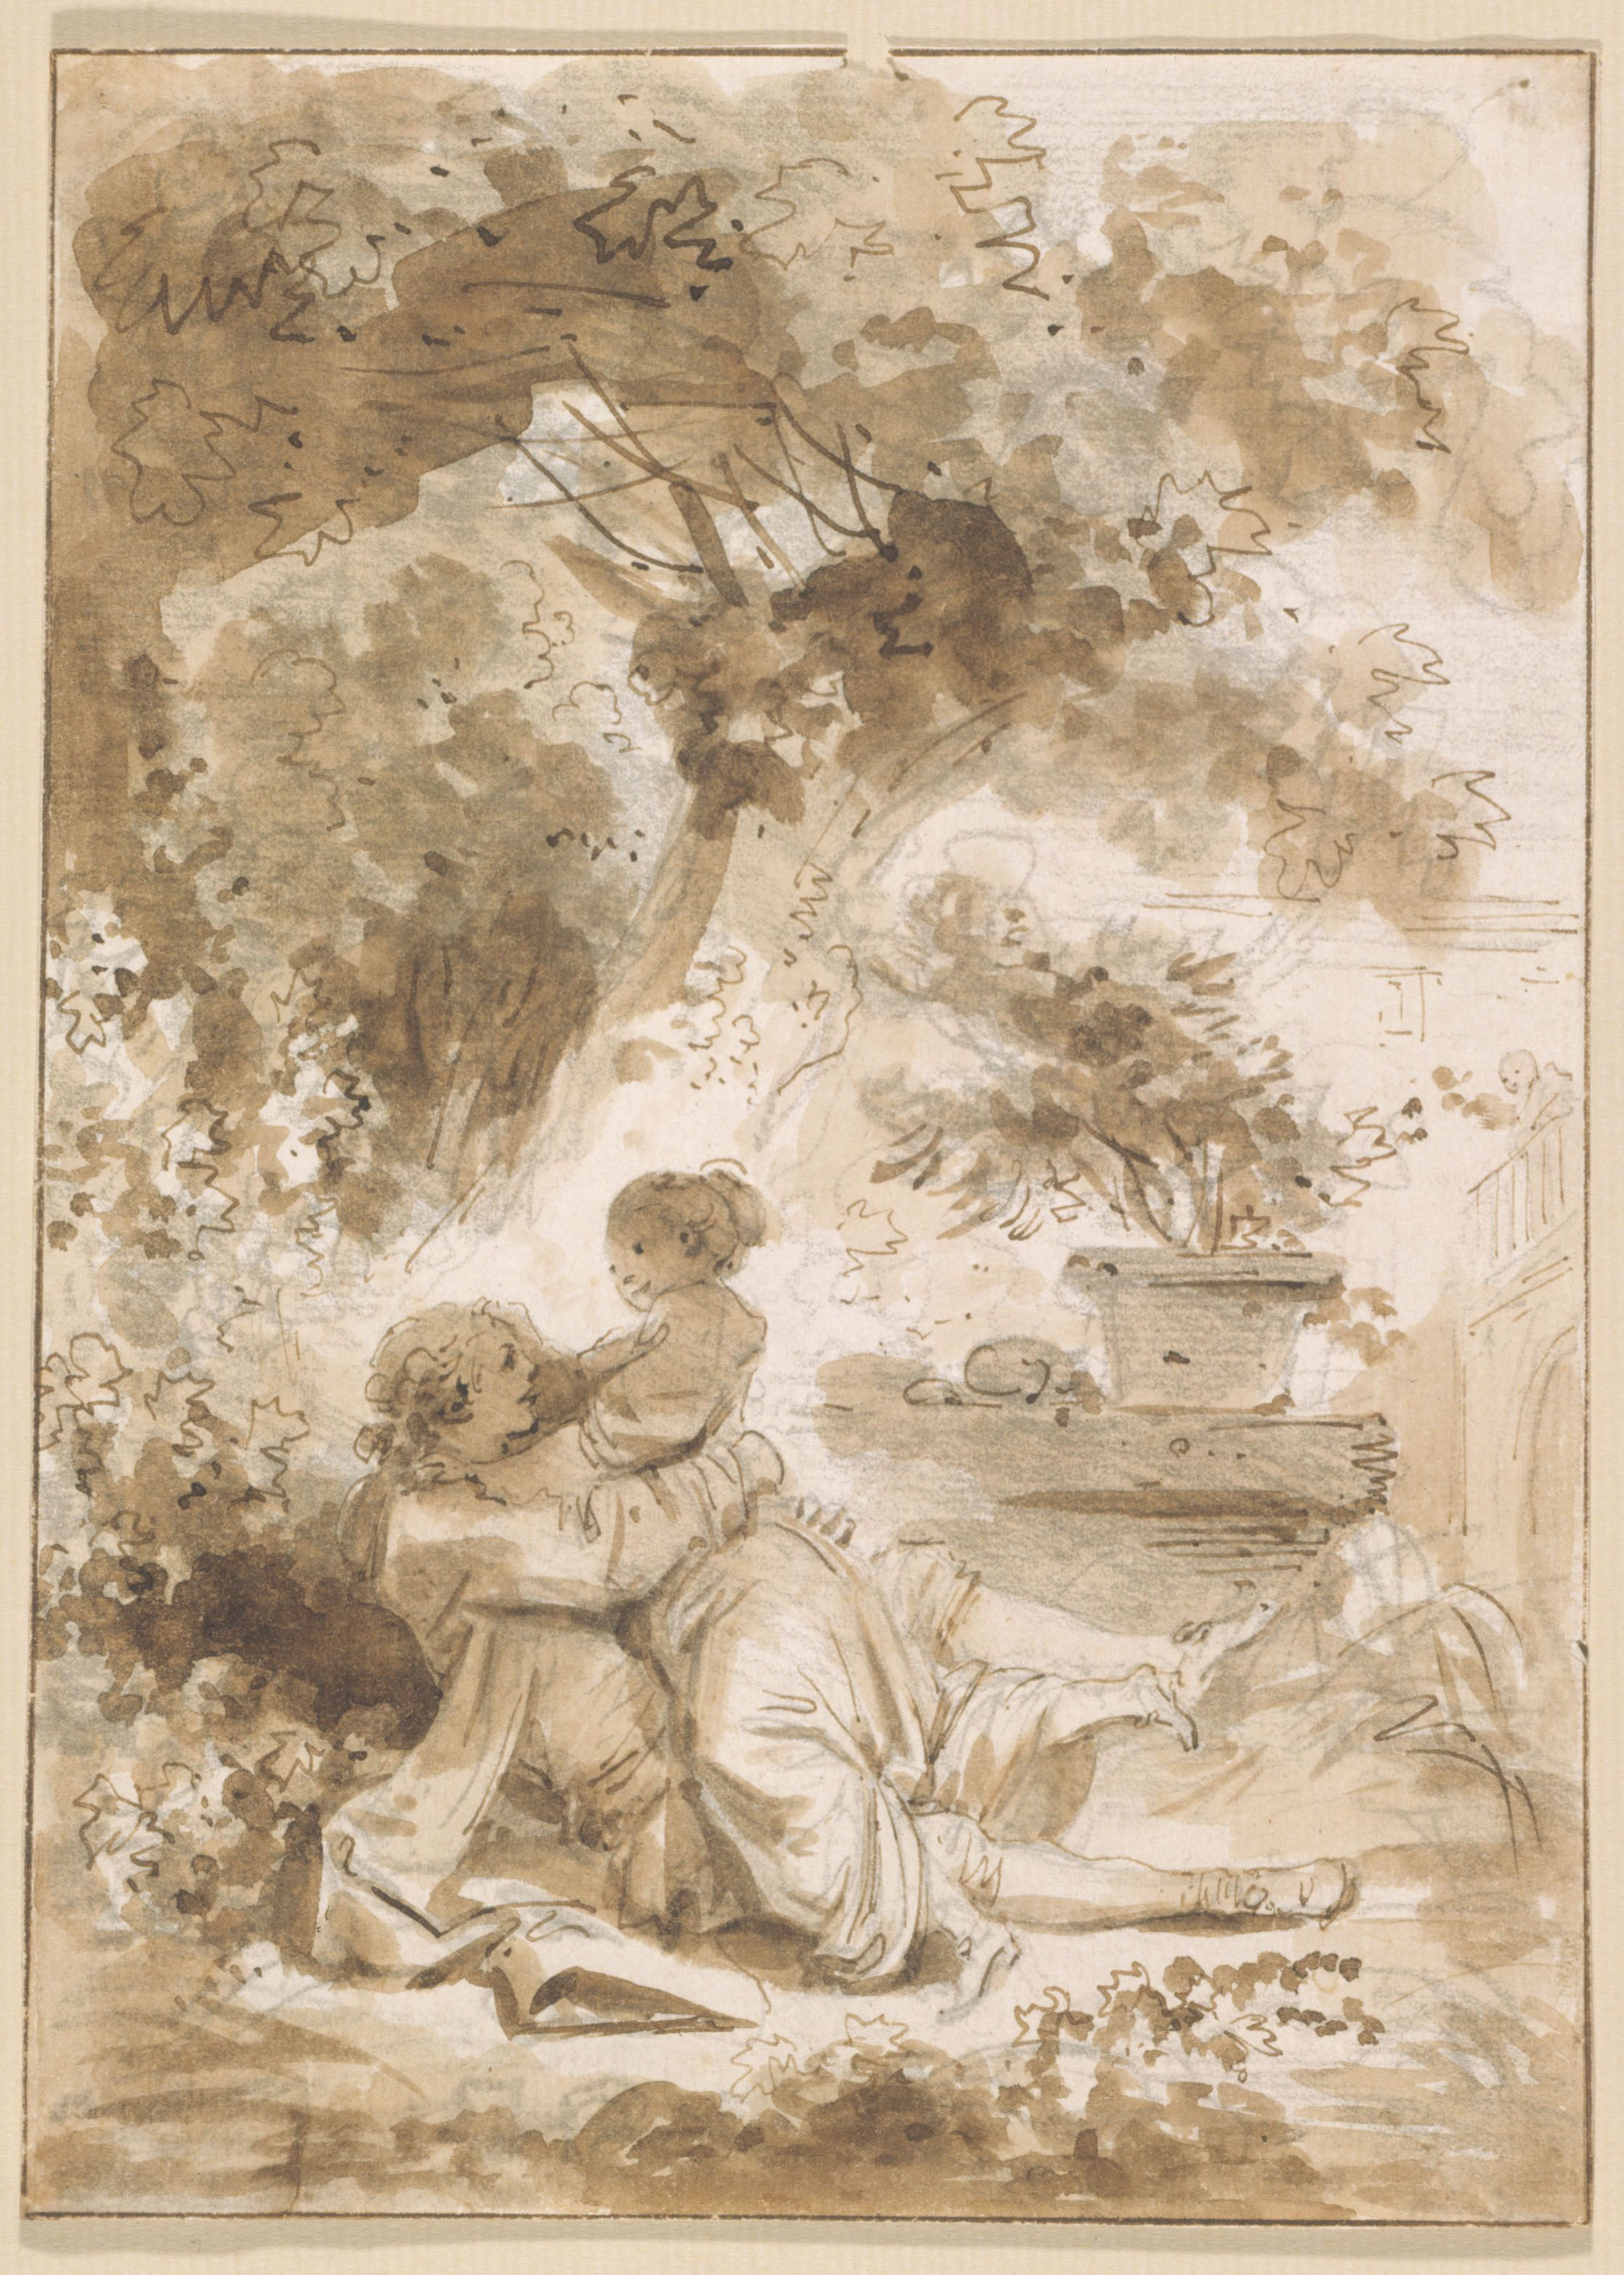 Œuvres commentées de Fragonard : La servante justifiée   Musee du Luxembourg Œuvres commentées de Fragonard : La servante justifiée